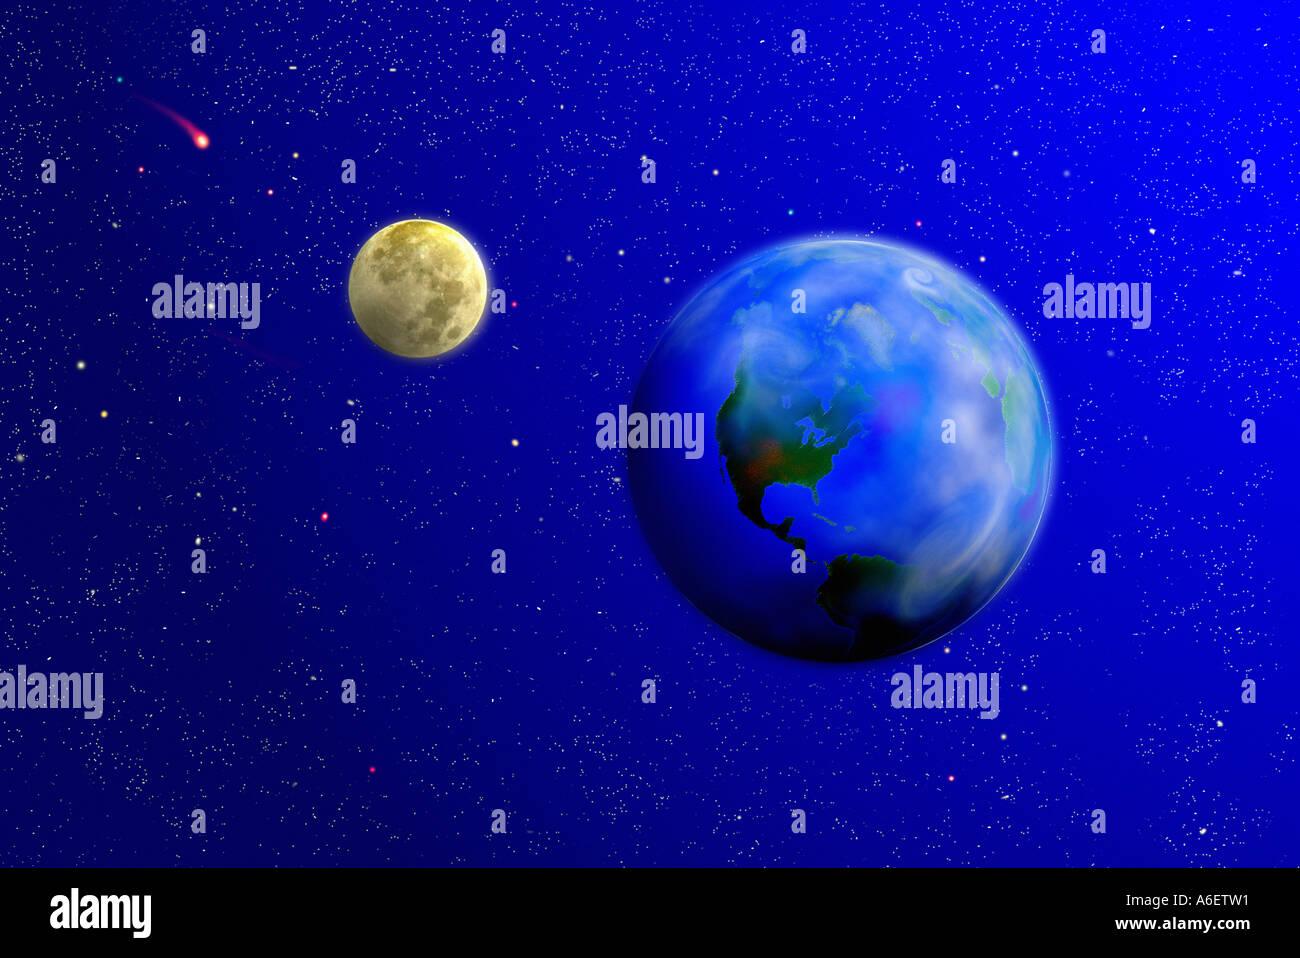 Illustration numérique de la planète Terre et de la lune sur un fond d'Étoiles Comètes Photo Stock